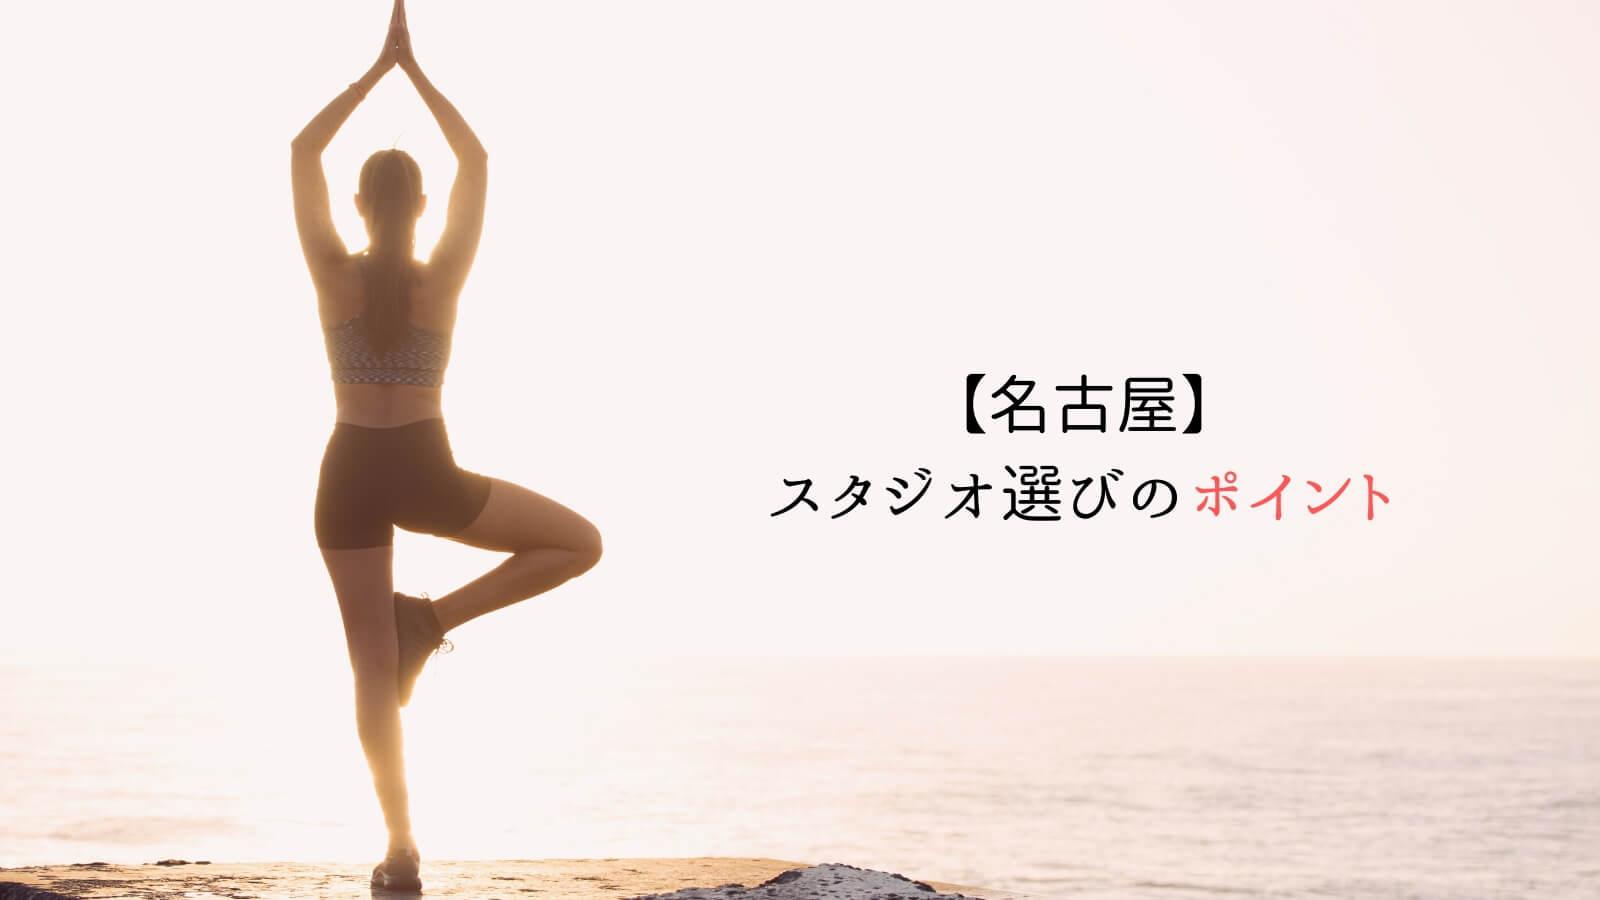 名古屋市のピラティススタジオ選びのポイント